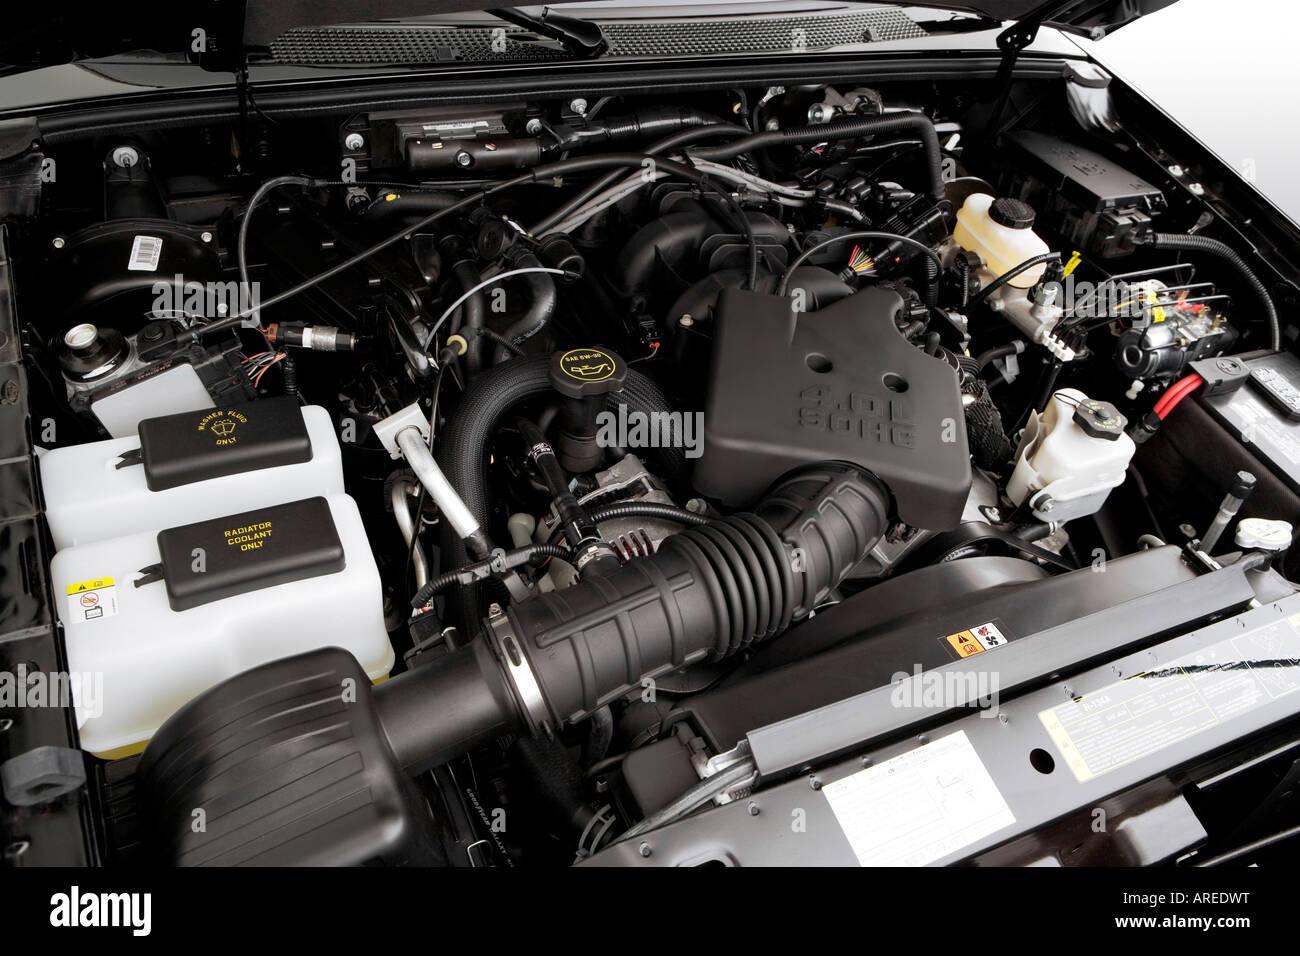 2006 ford ranger fx4 off road in black engine